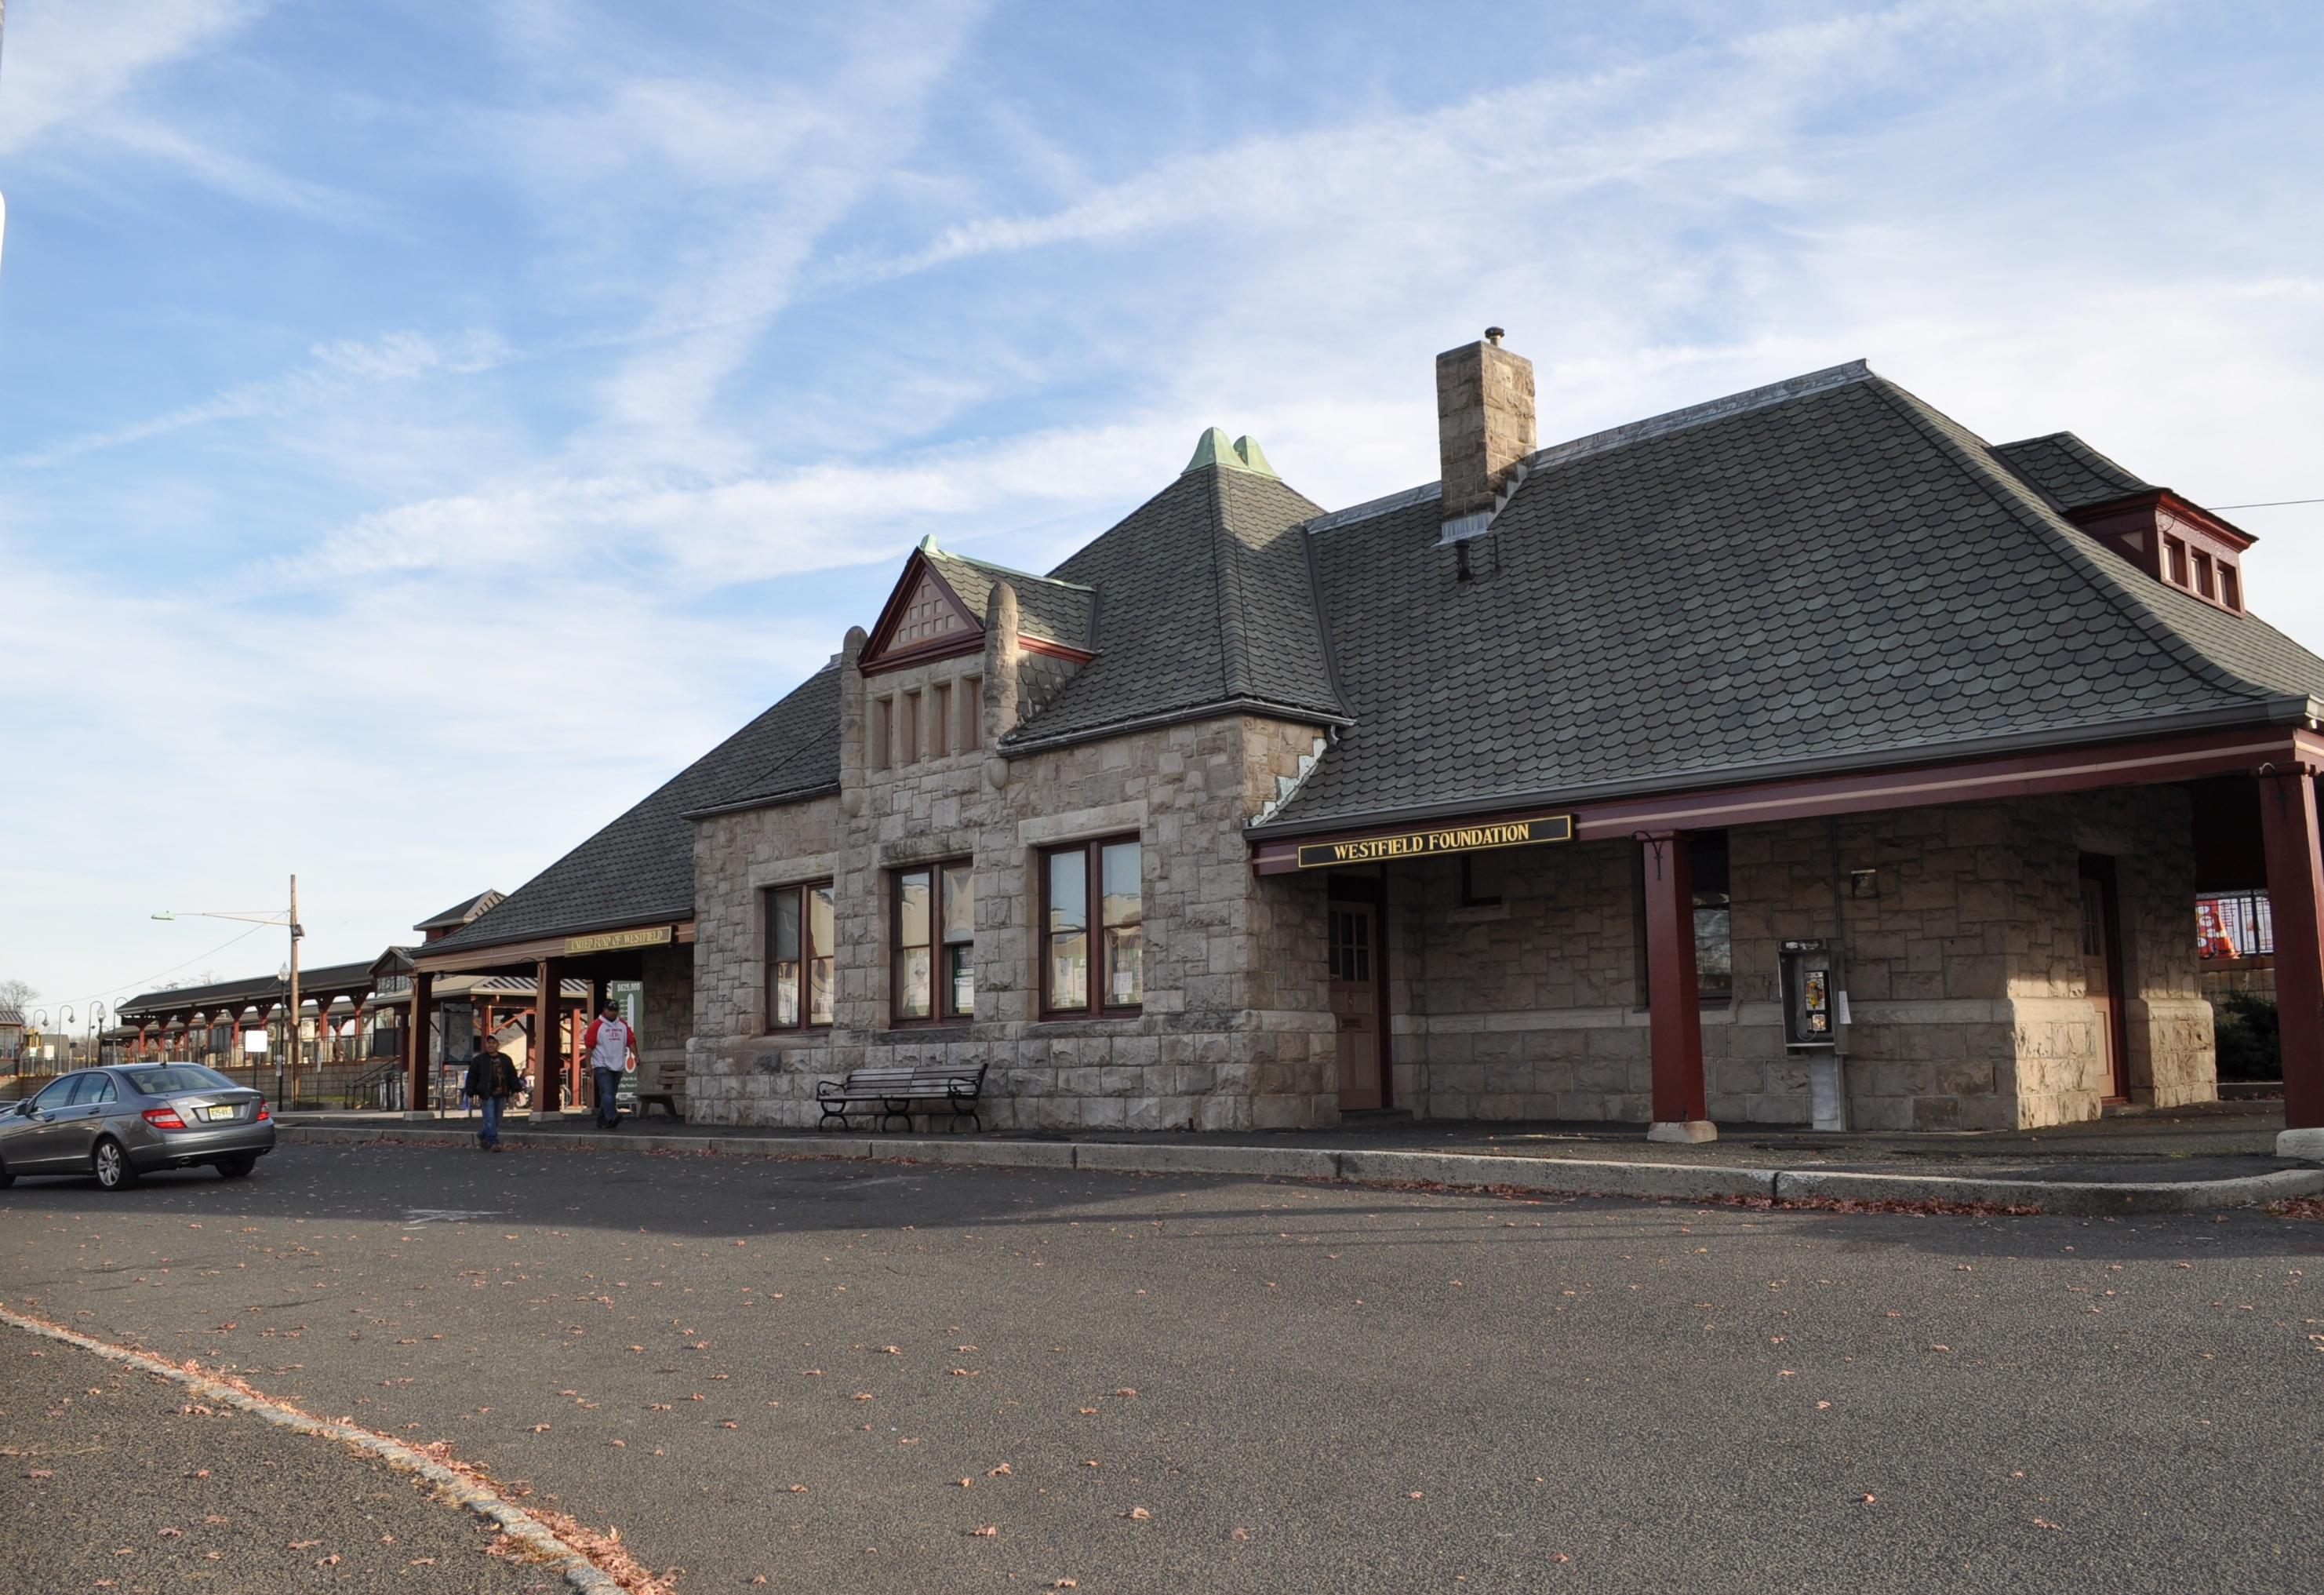 00530d124928a2f03fd9_train_station.JPG